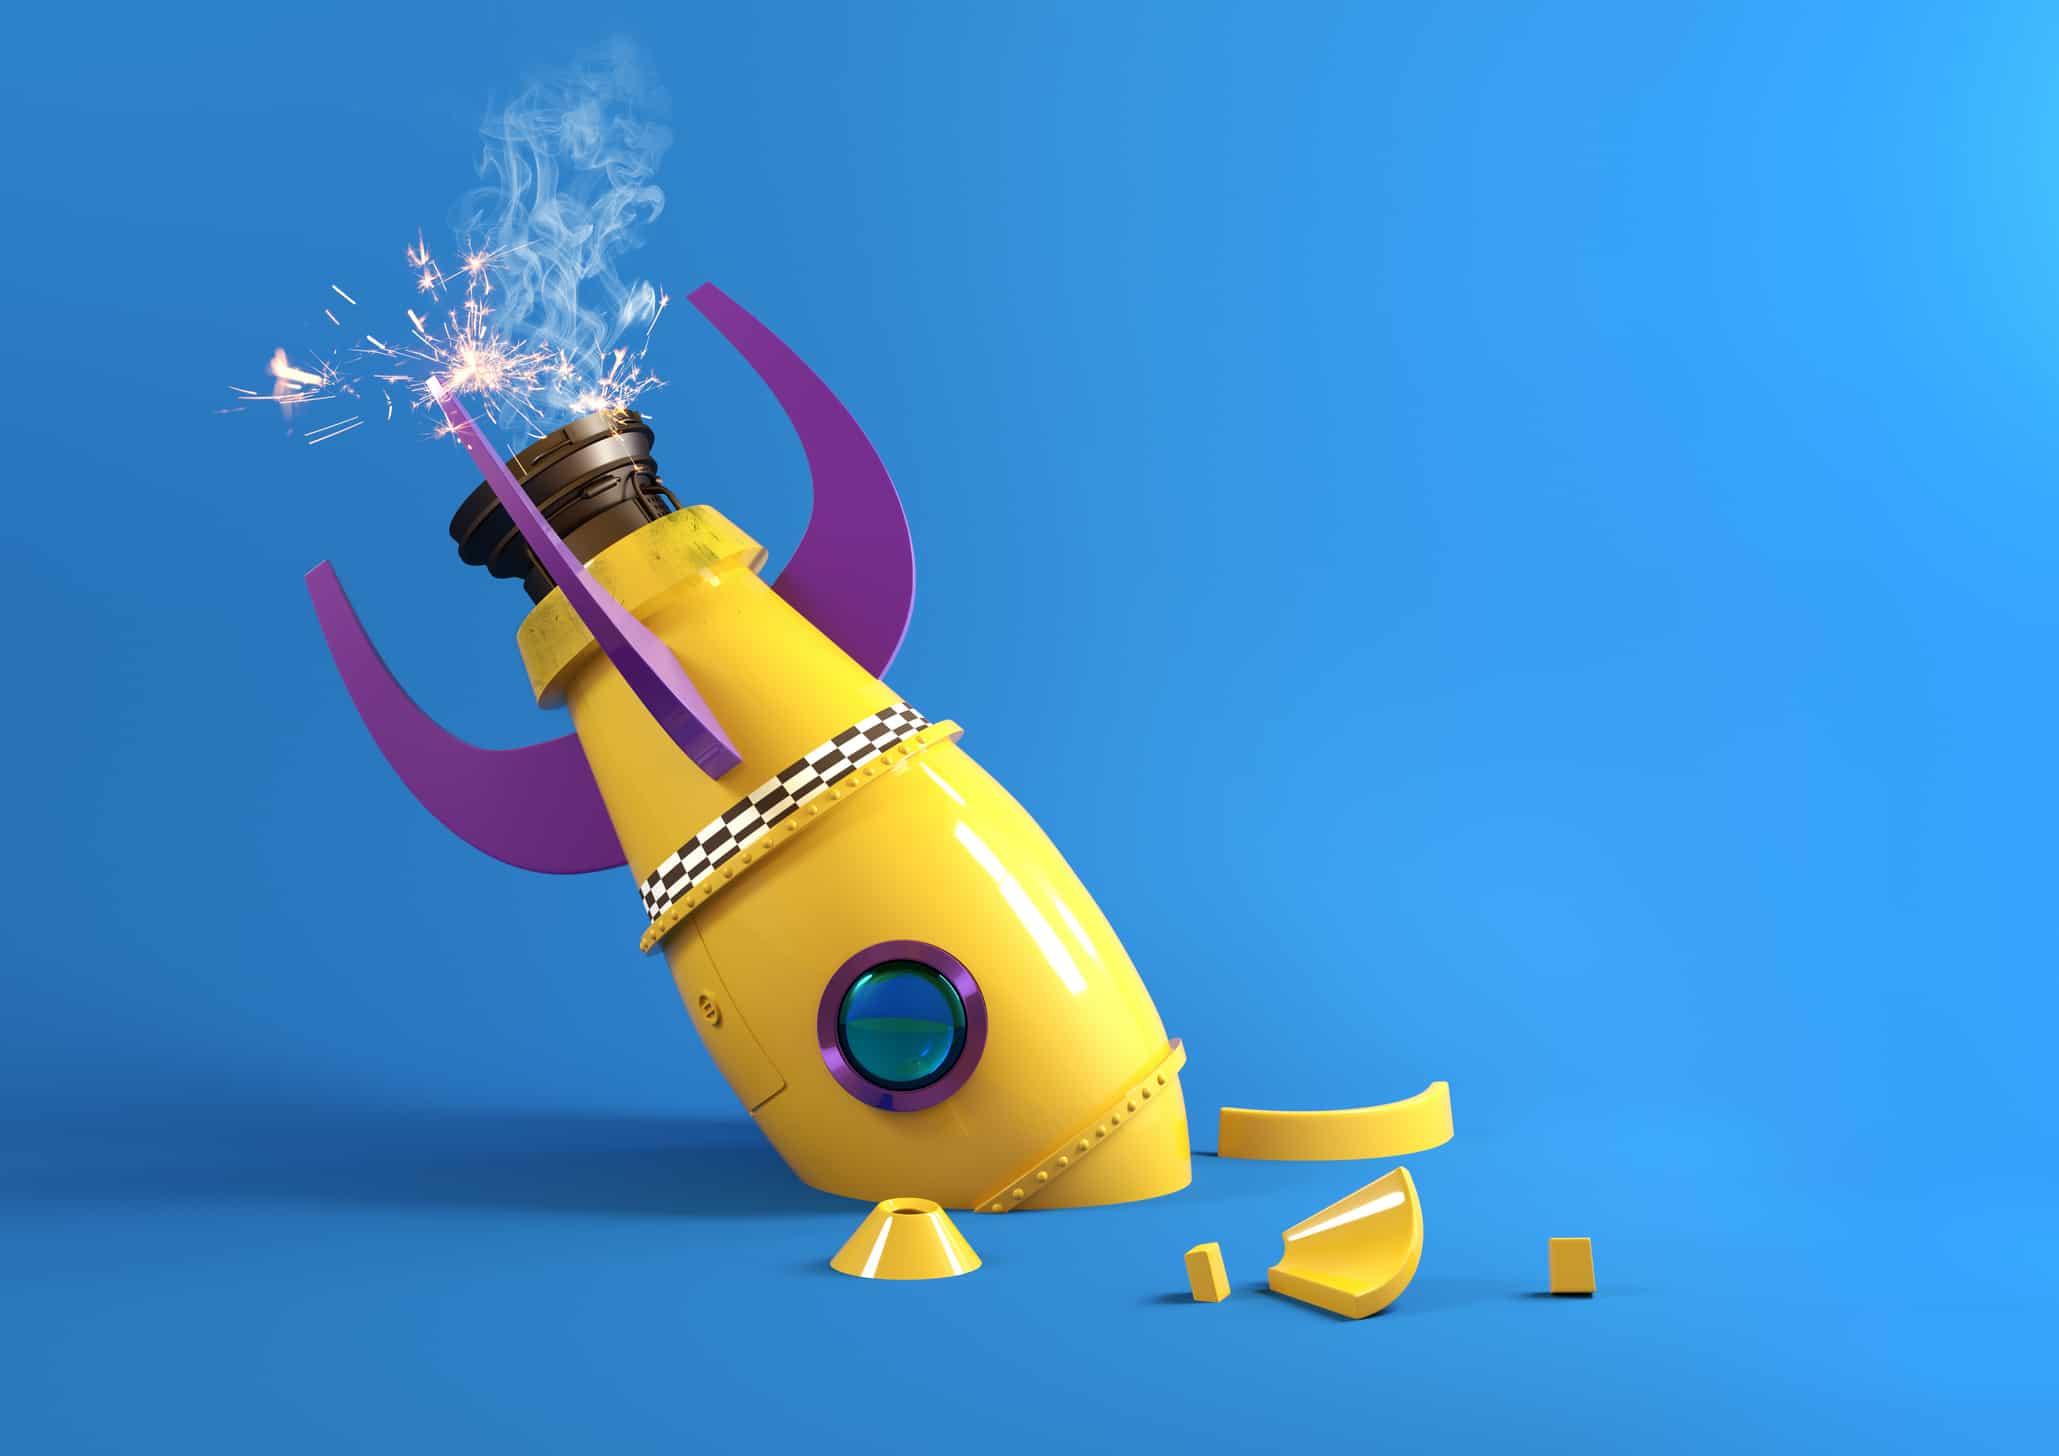 Broken Retro Toy Rocket